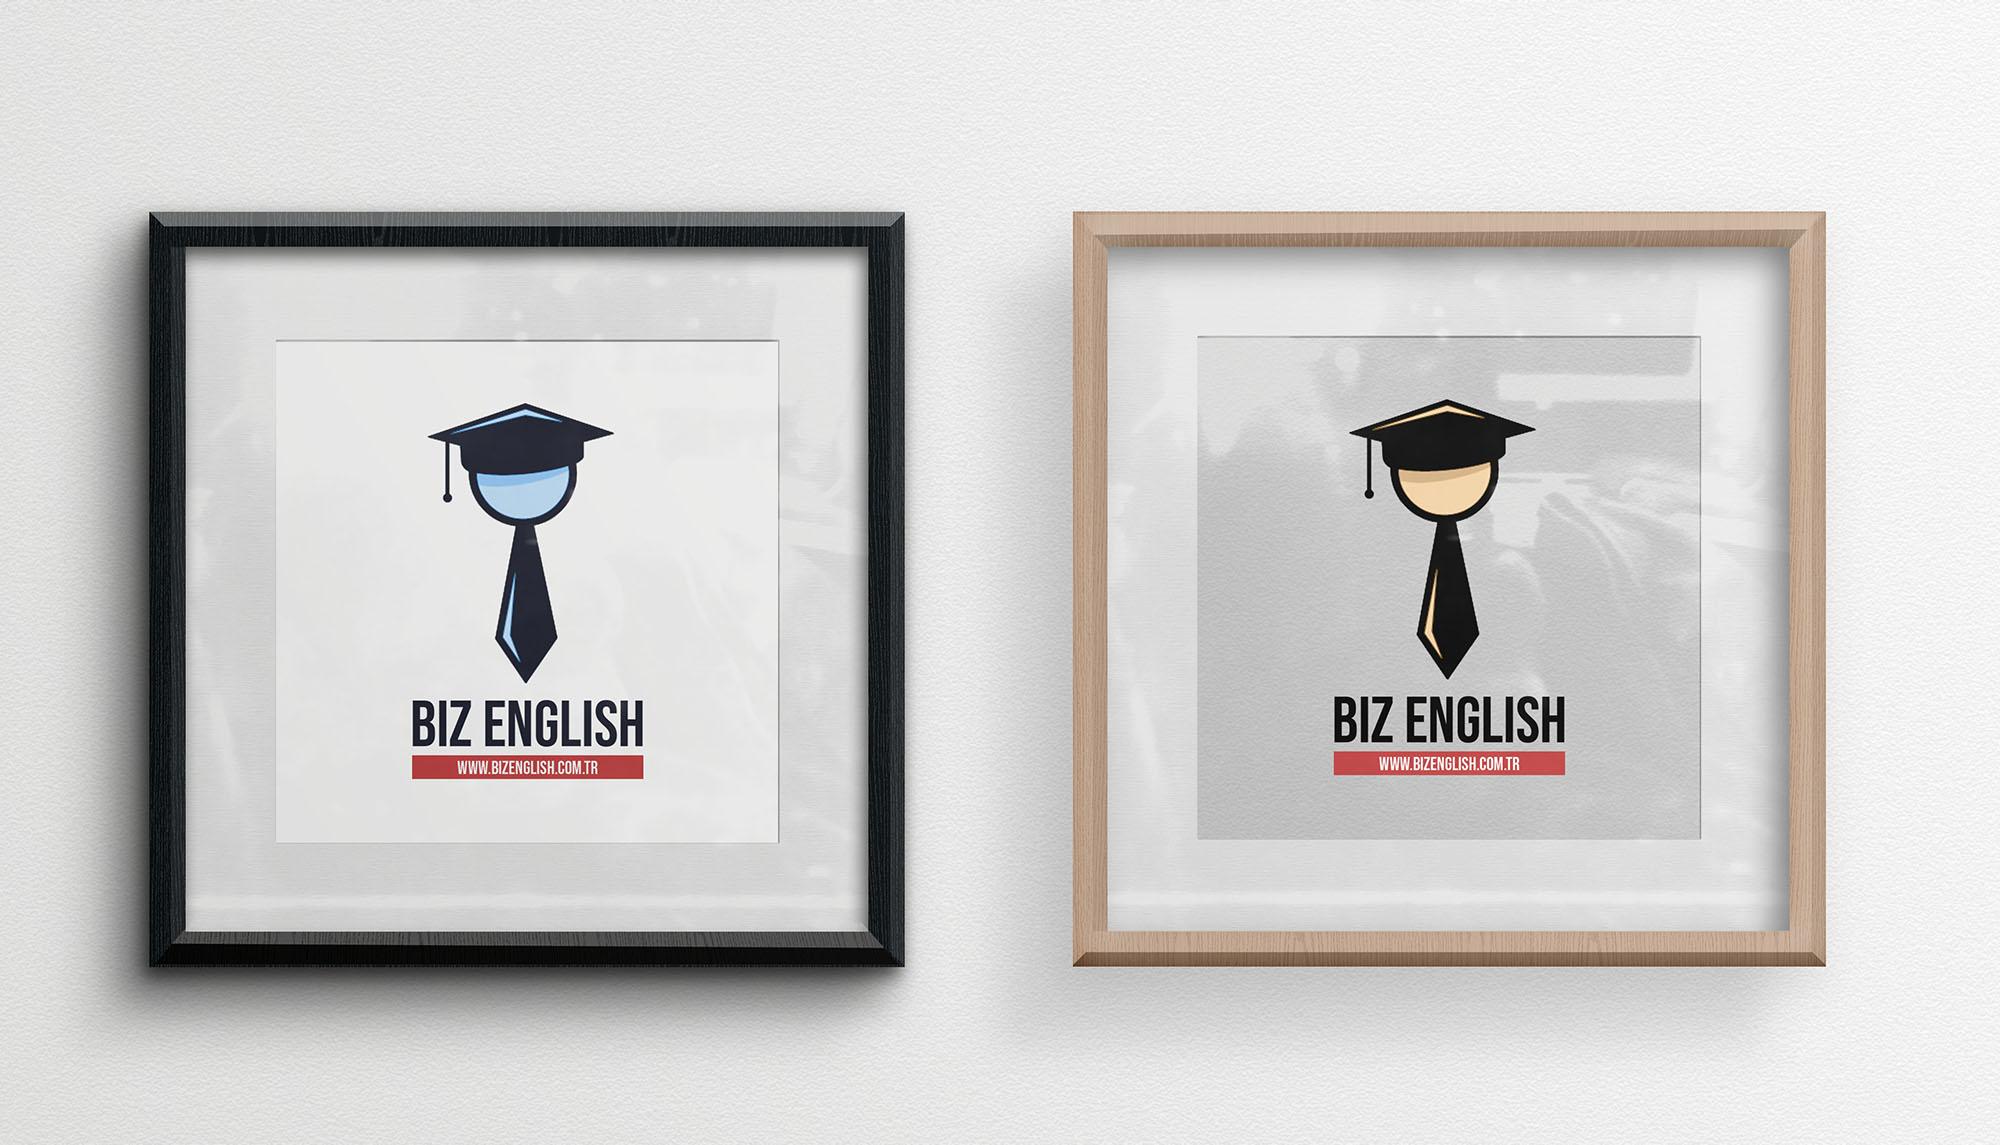 biz english v3